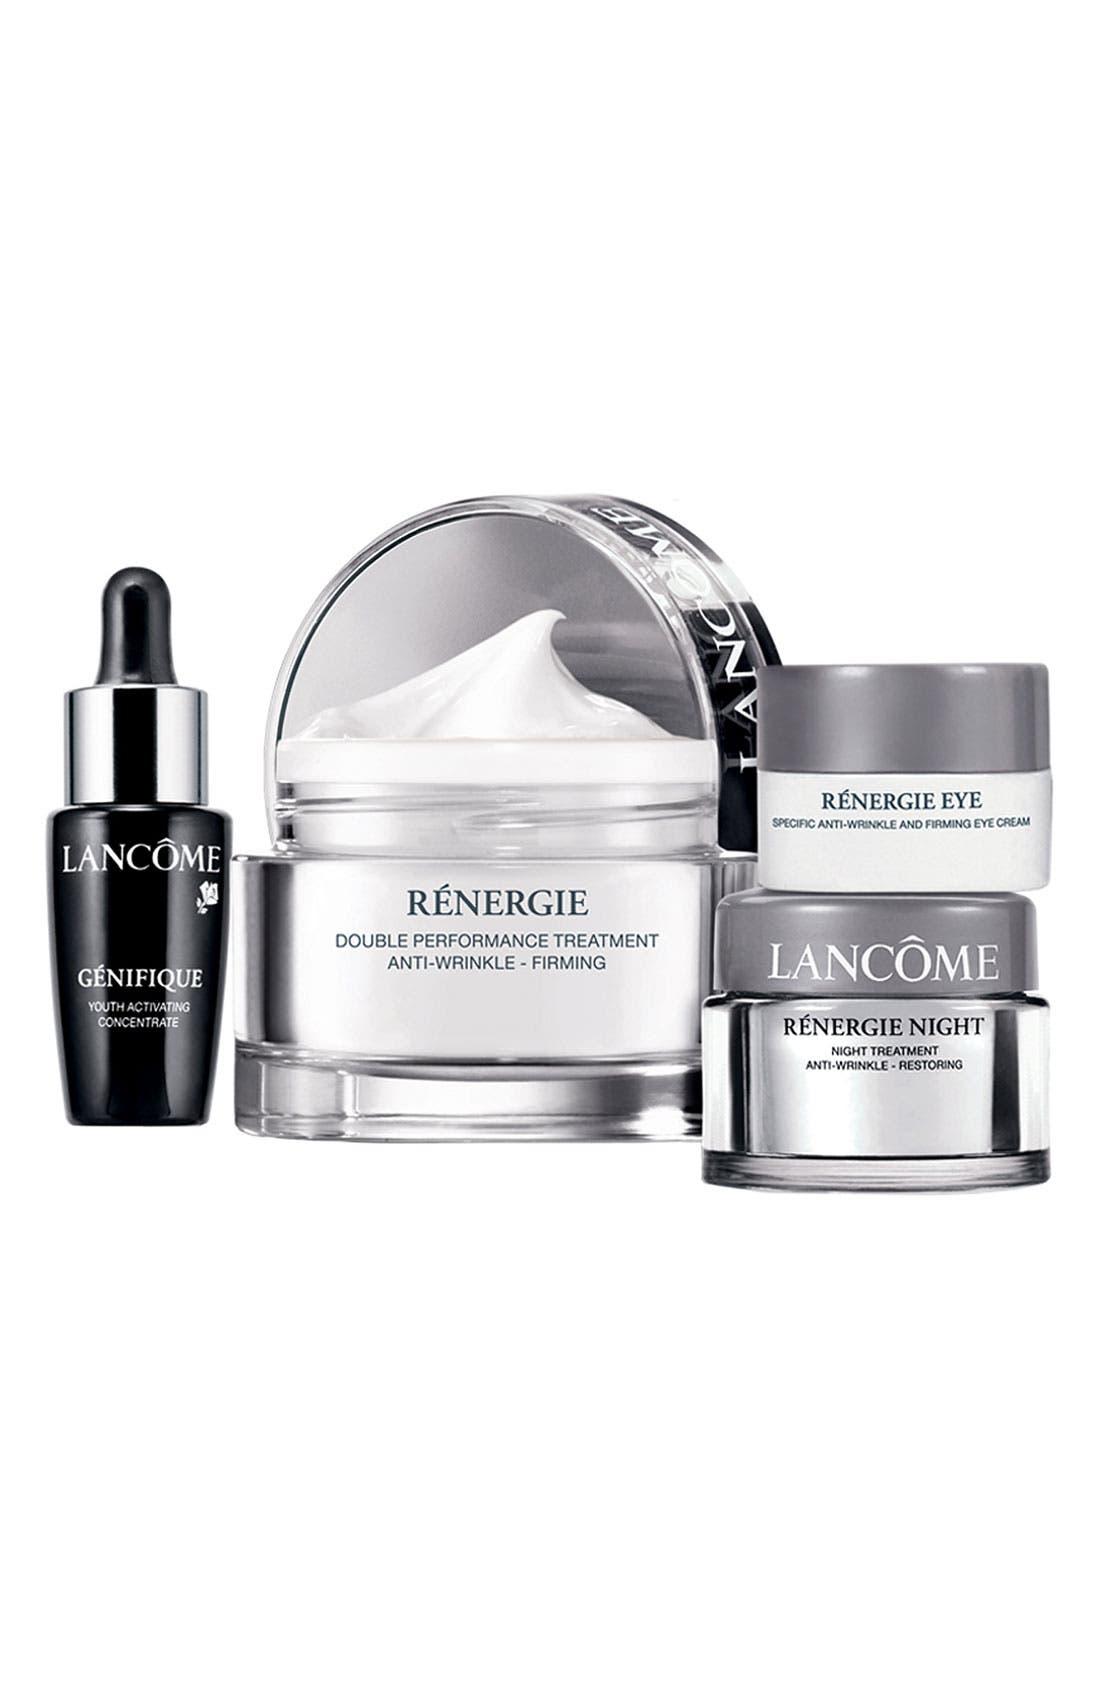 'Rénergie Classic' Spring Skincare Set,                             Main thumbnail 1, color,                             000